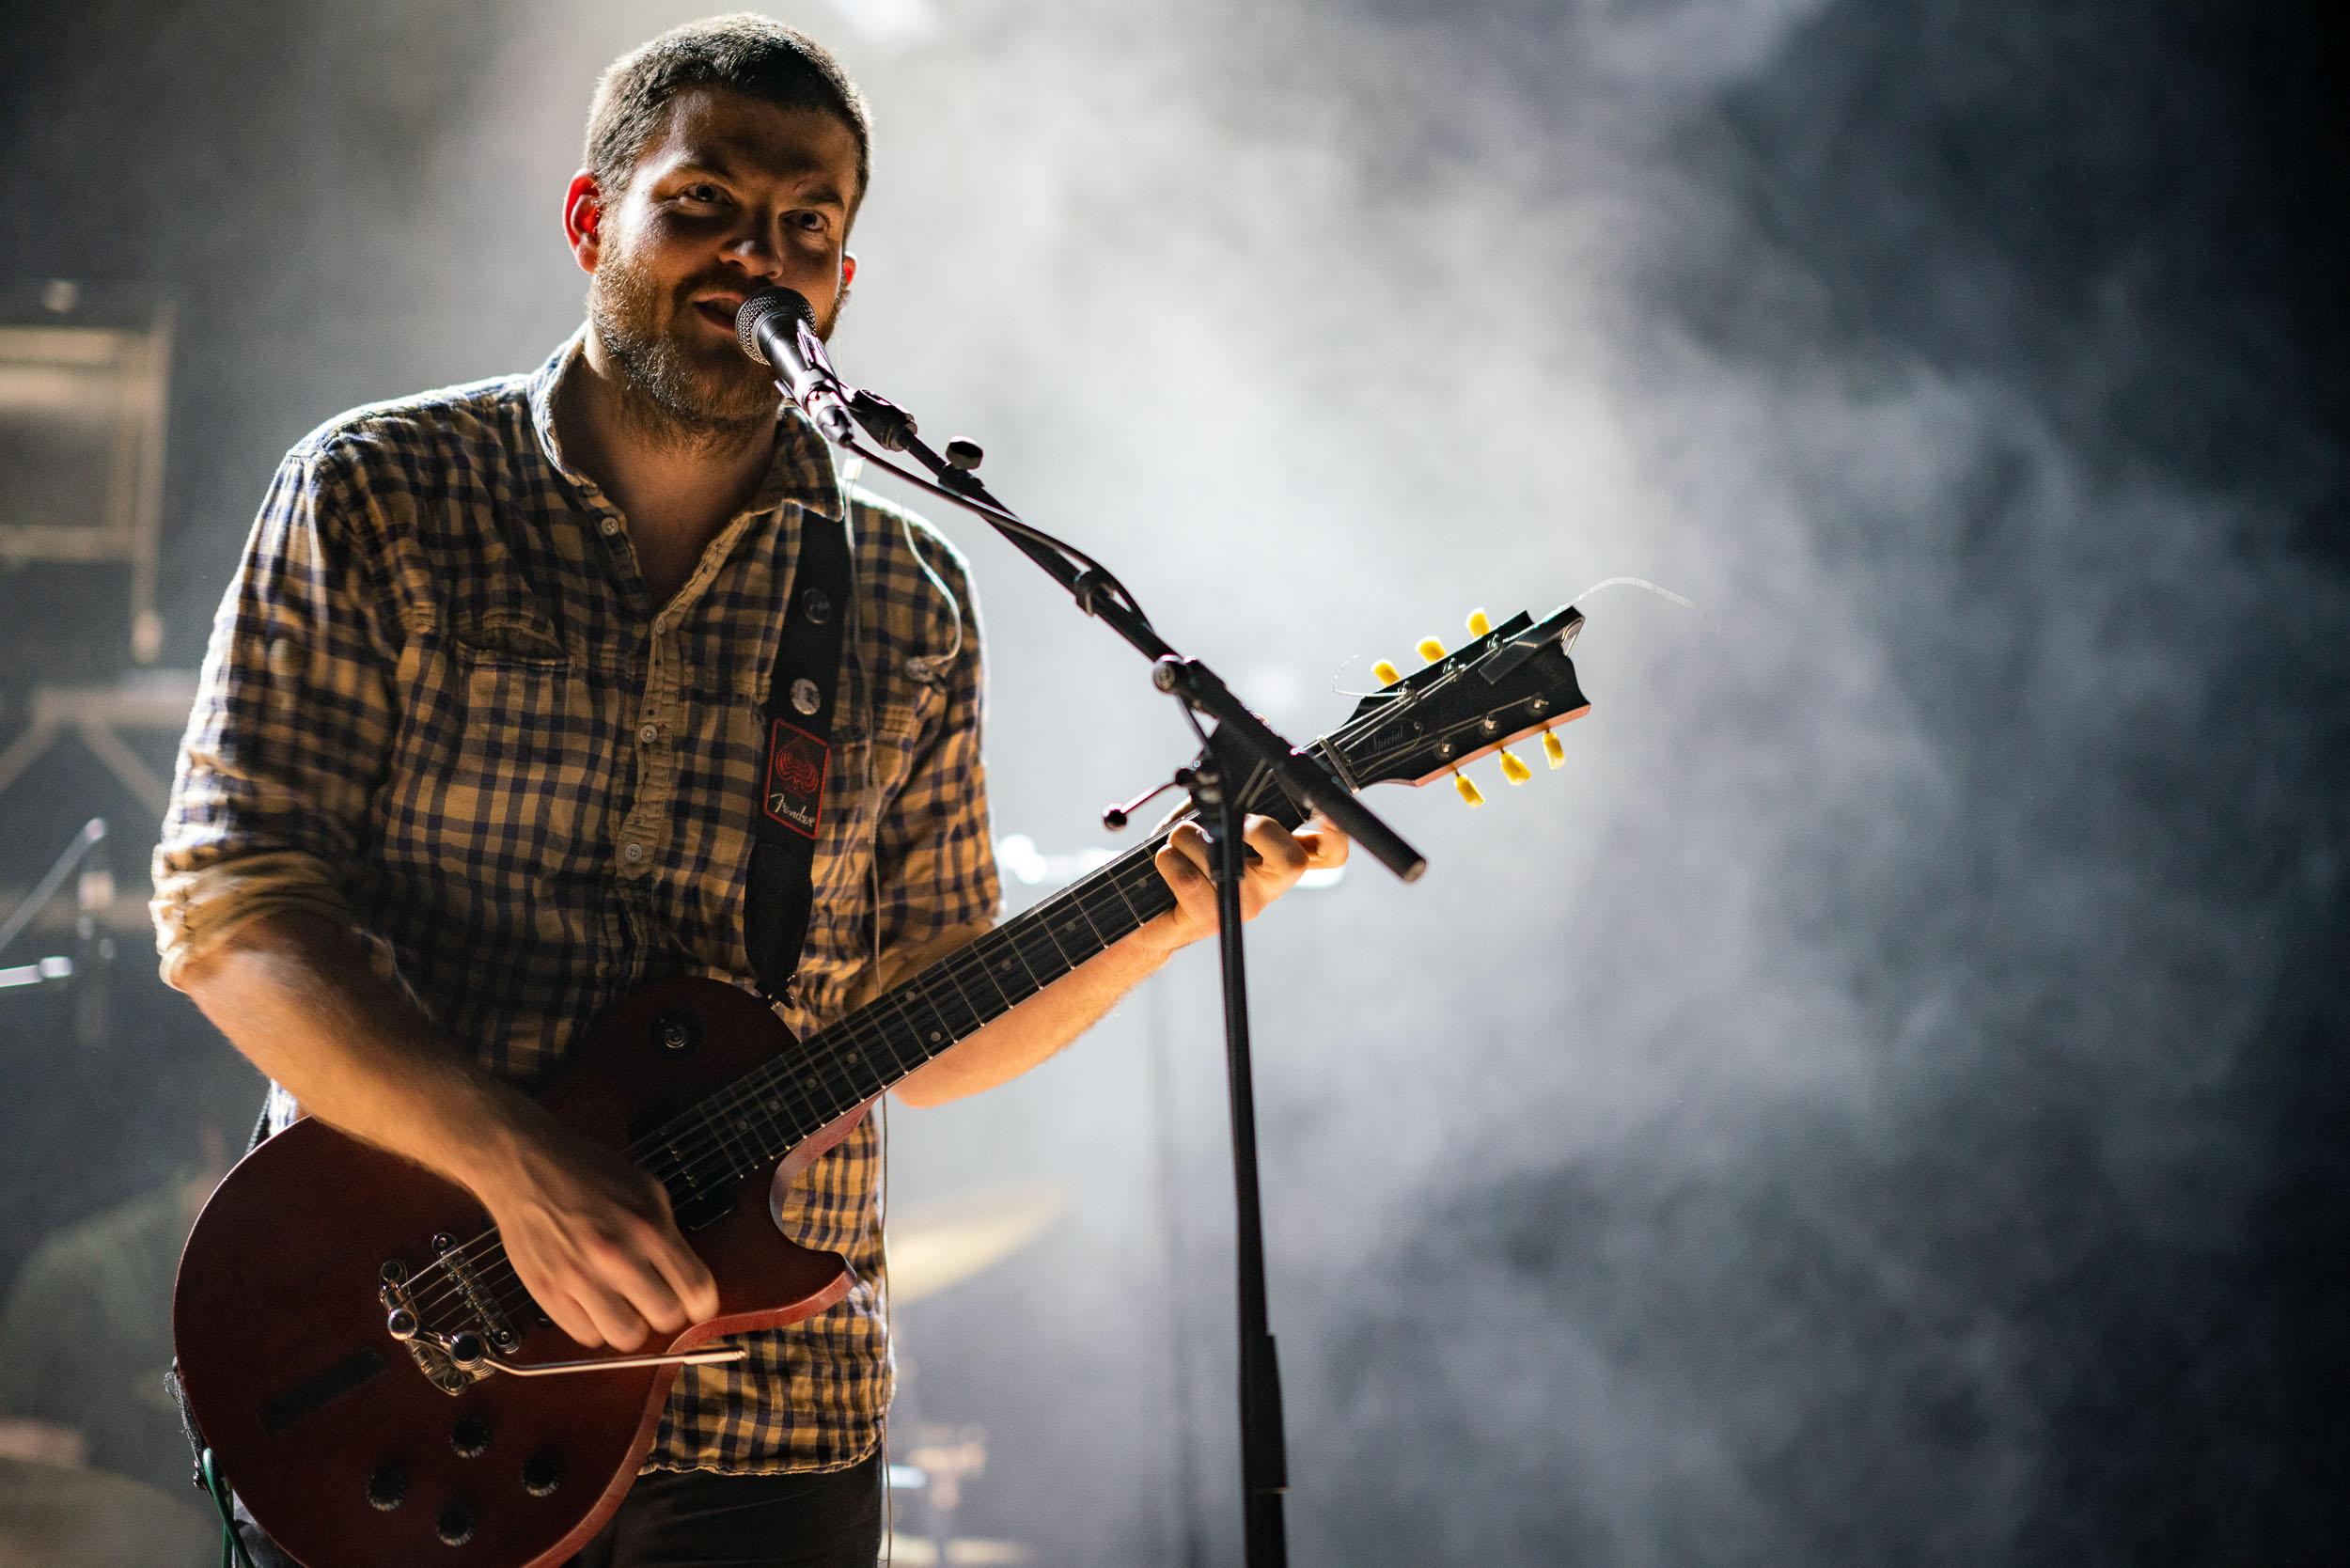 Concert à Bruxelles, la photographie a été prise par un photo